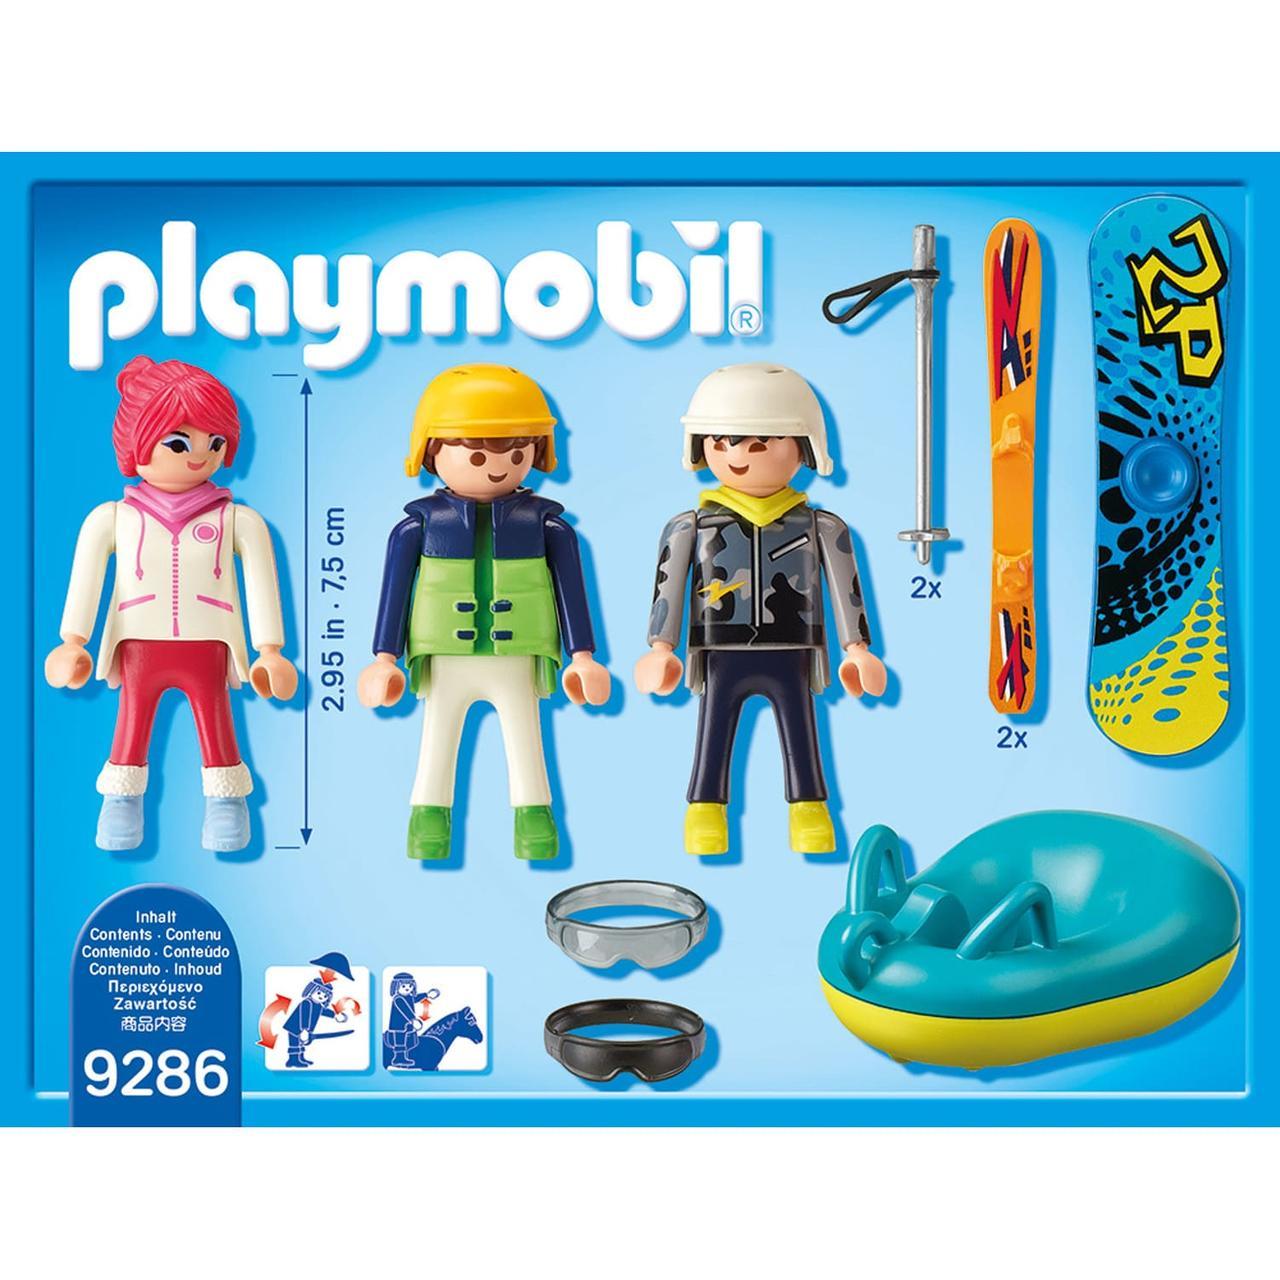 Конструктор Playmobil Зимние виды спорта: Зимние виды спорта - трио - фото 3